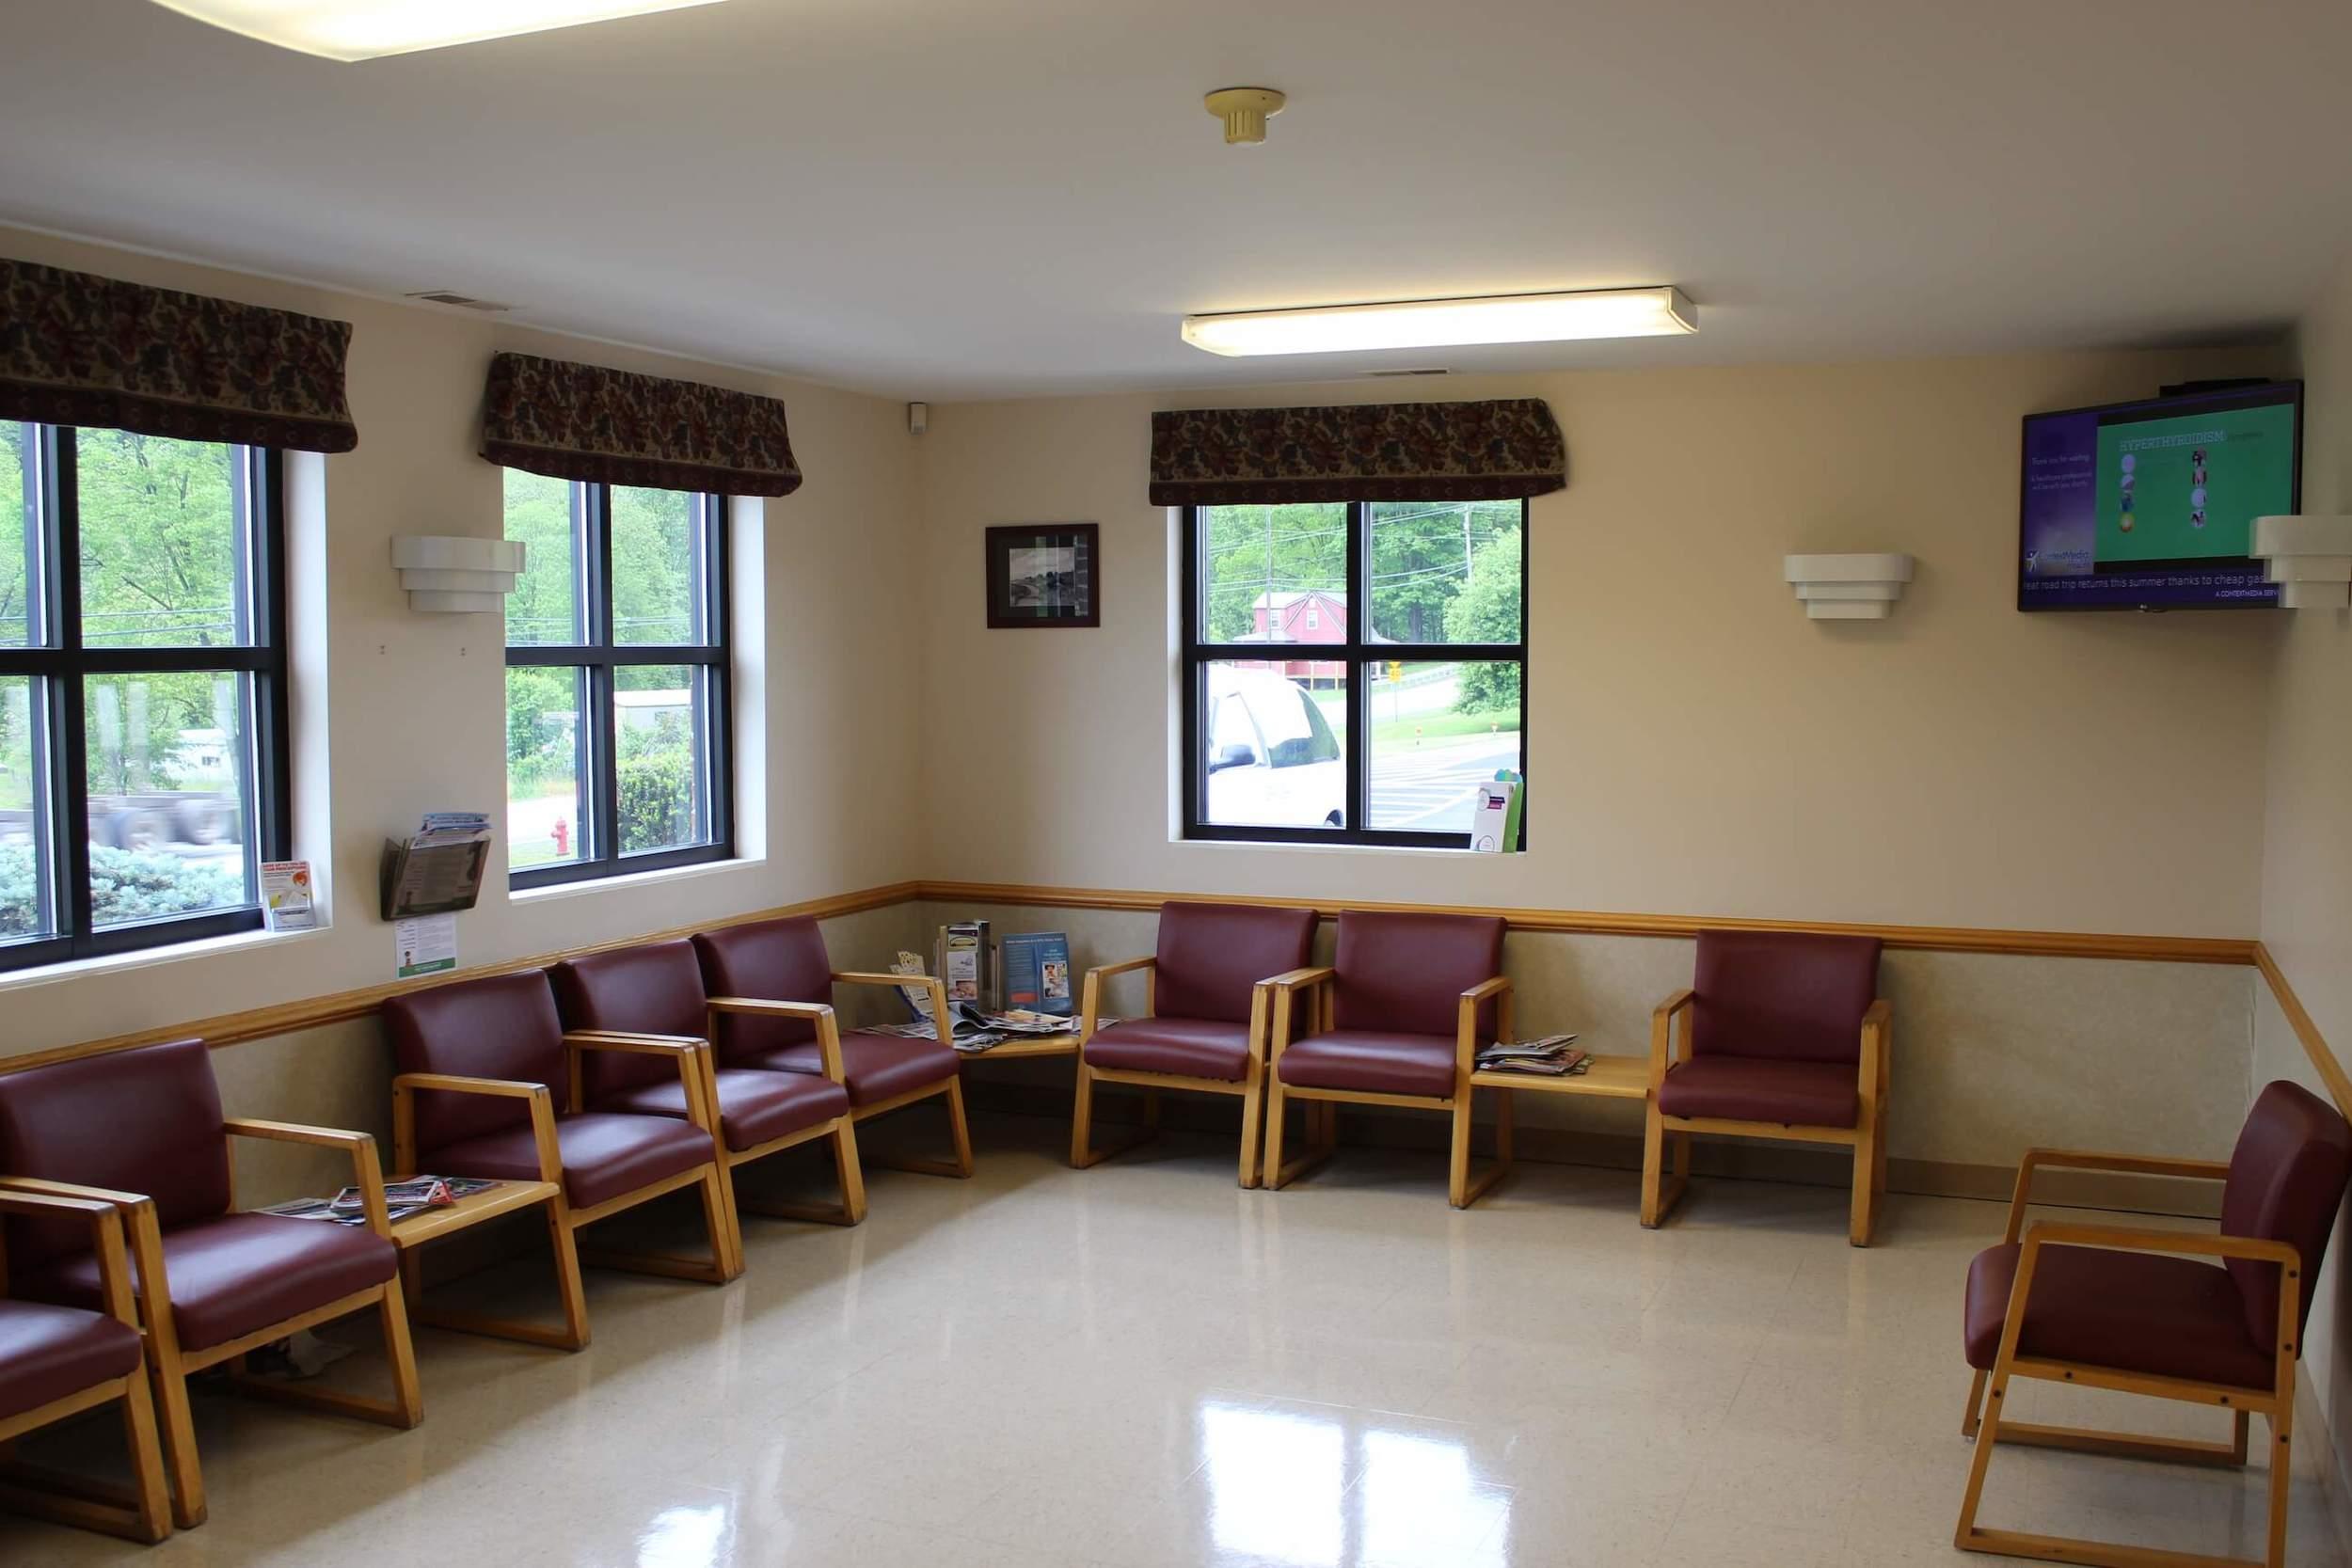 Riverton WV North Fork Medical Doctor Waiting Room